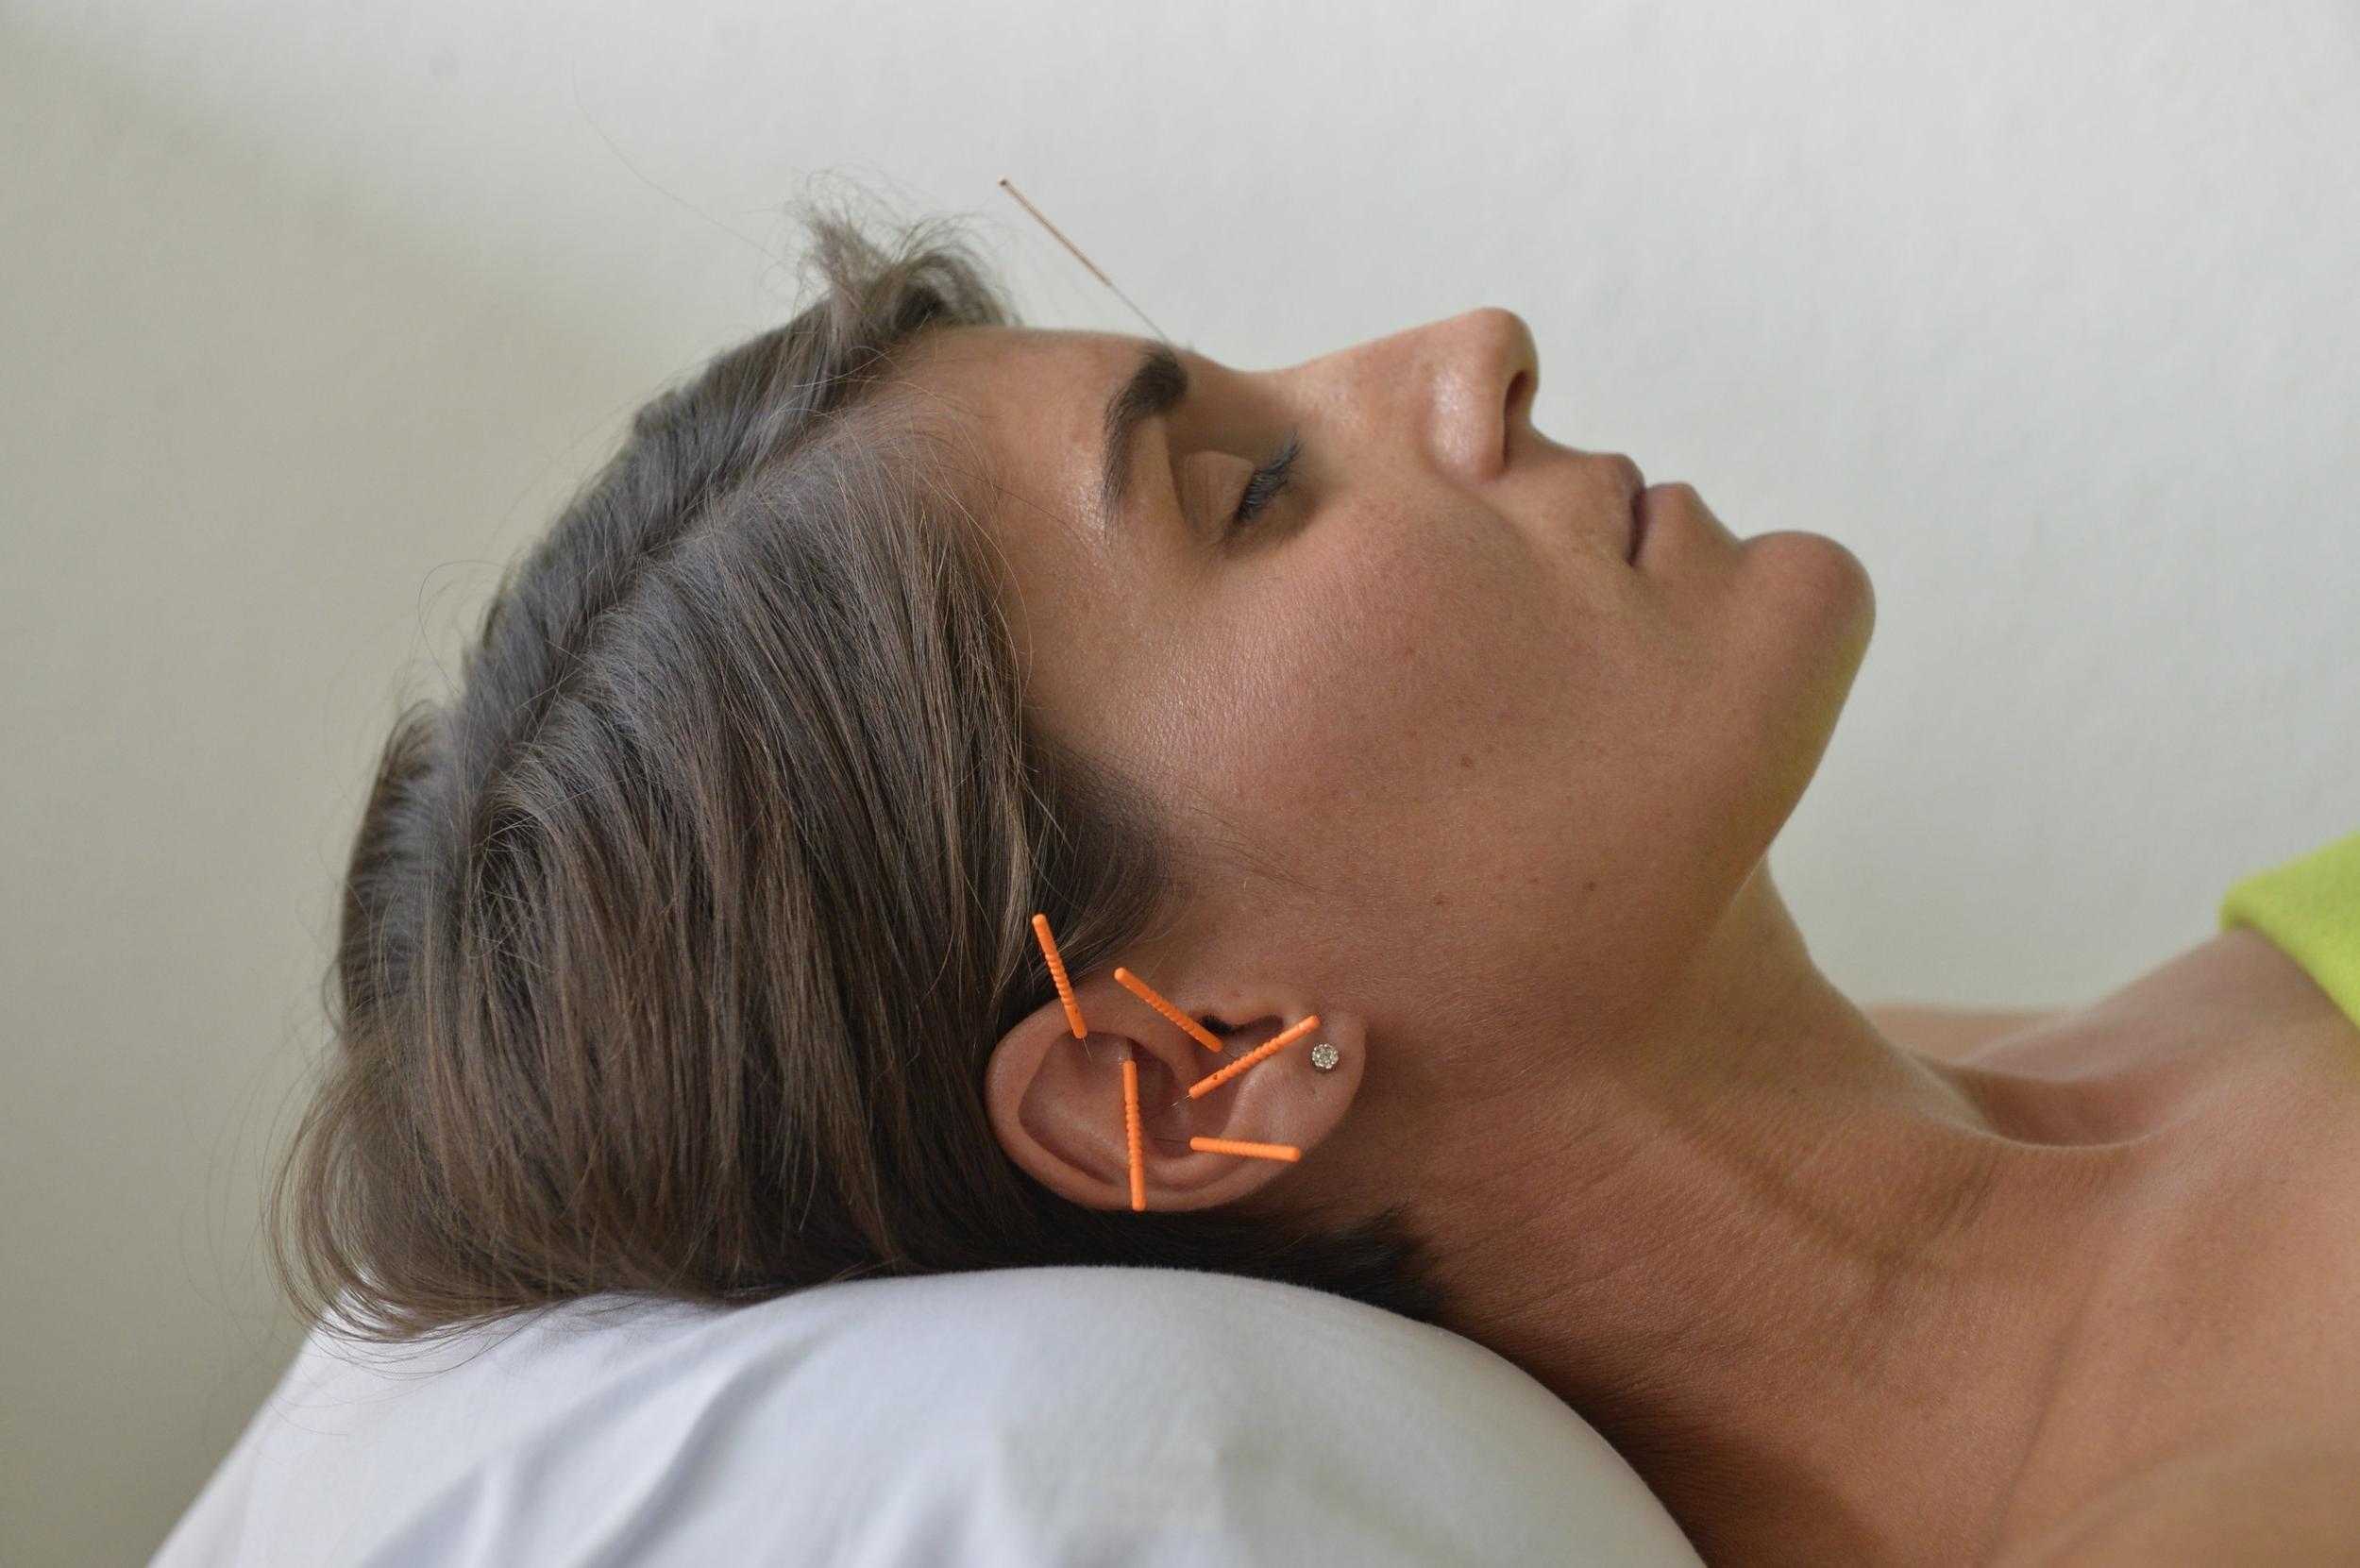 - Akupunktur giver bedre livskvalitet og har gennem mange tusinde år vist gode resultater som behandlingsmetode ved en lang række sygdomme. Jeg tilbyder sygdoms- og smertebehandling med akupunktur, og min fornemste opgave er at lindre og afhjælpe netop dine problemer.Jeg er uddannet Akupunktør med baggrund i Traditionel Kinesisk Medicin (TCM) og sundhedsautoriseret sygeplejerske med specialviden inden for smertebehandling og palliation.